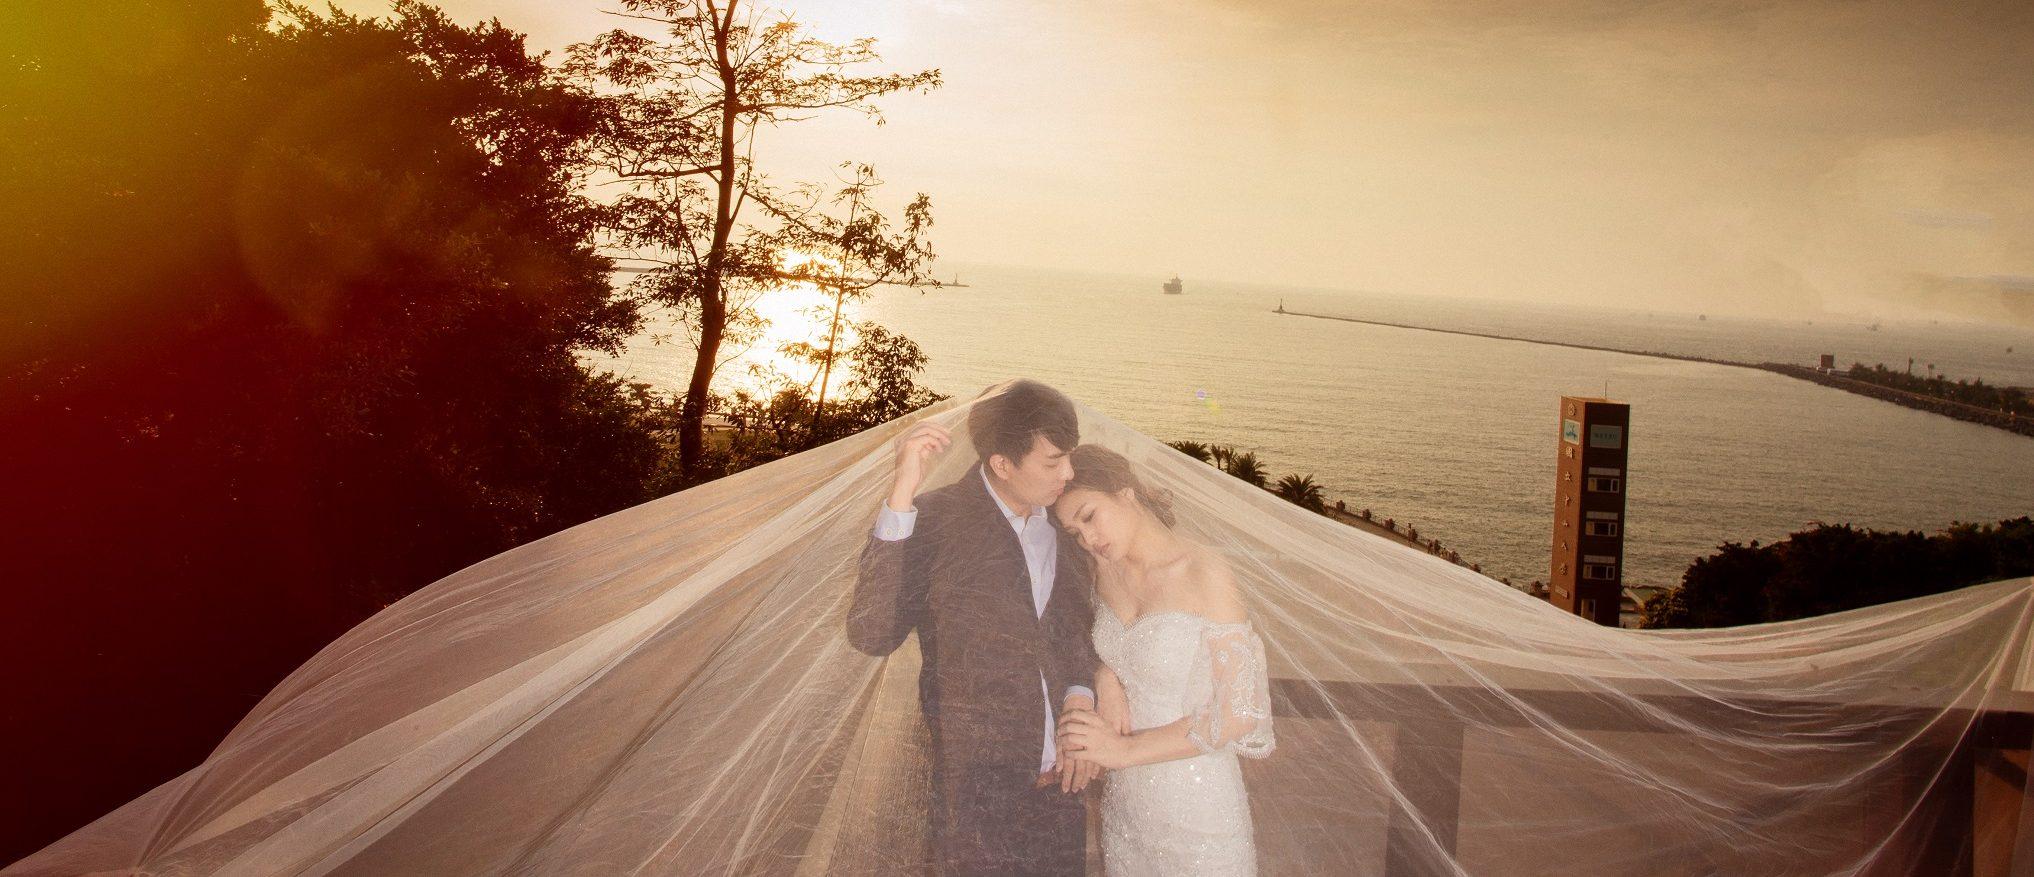 吳沛瑩的婚紗世界